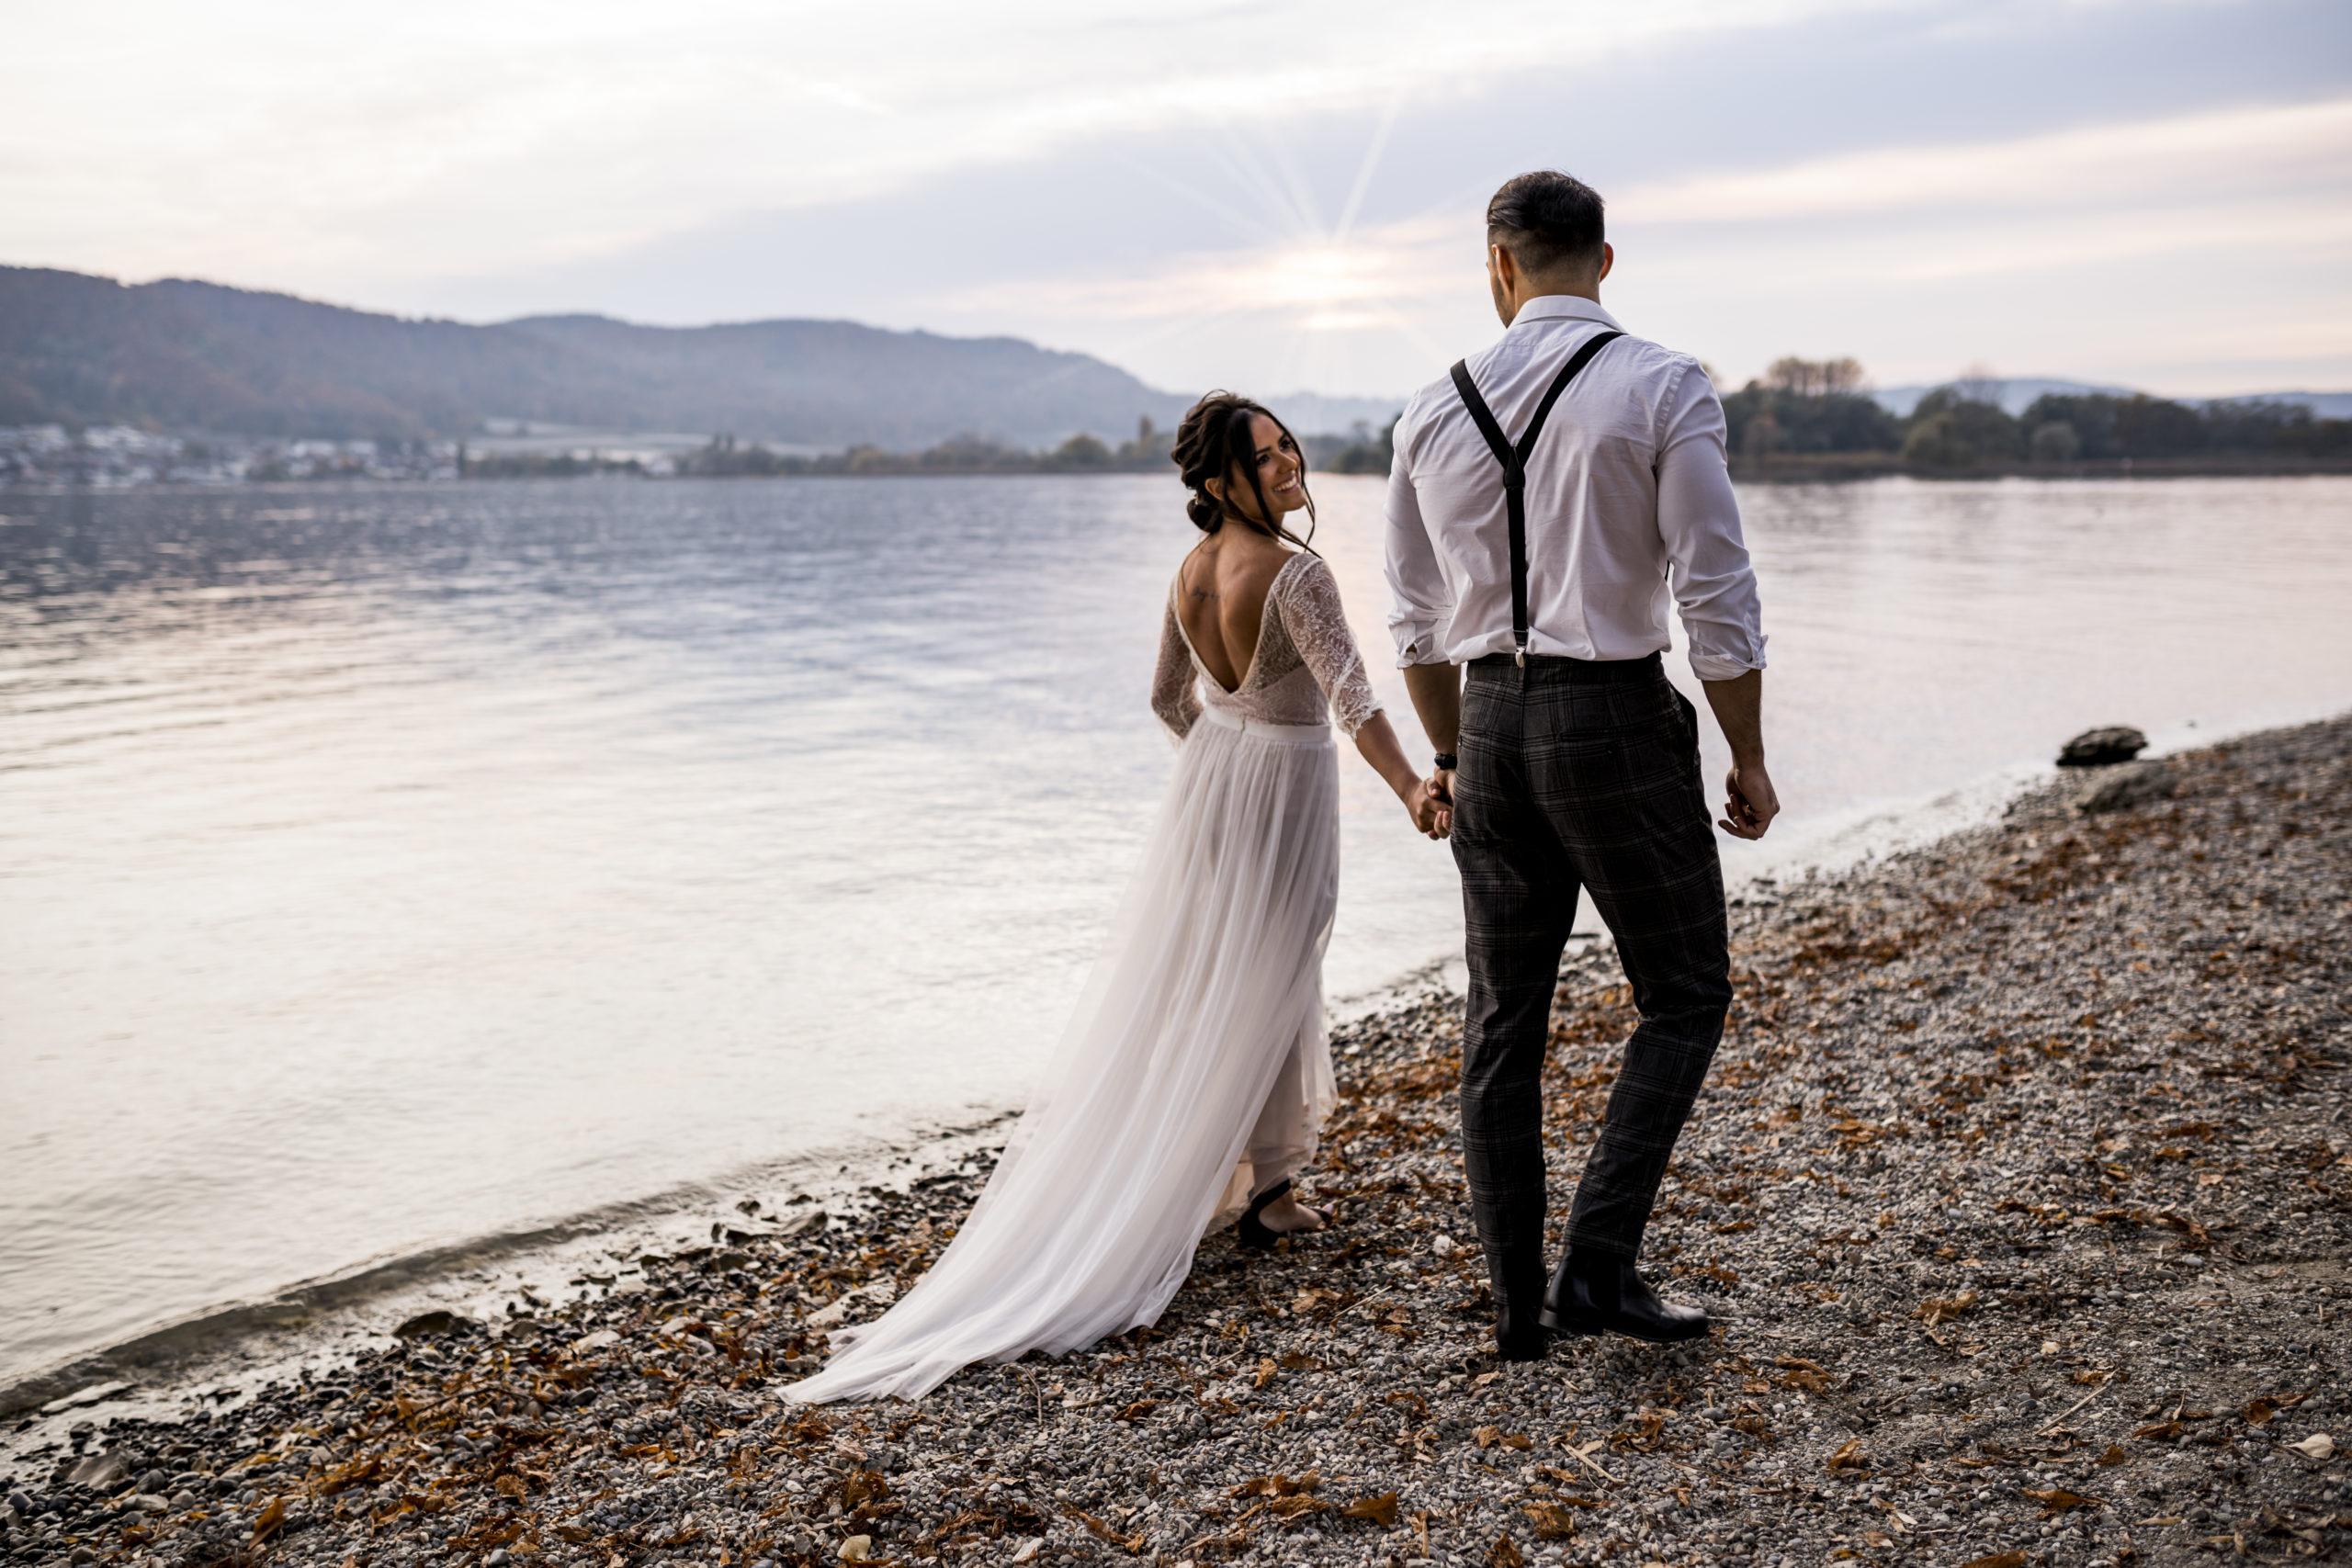 noni Brautmode, Styled Shoot am Bodensee, Model-Pärchen händchenhaltend am Seeufer bei Sonnenschein, Braut mit zweiteiligem Brautkleid in Puderrosa-Optik und Brautstrauss, Bräutigam mit Hemd und Hosenträgern, Rückenansicht